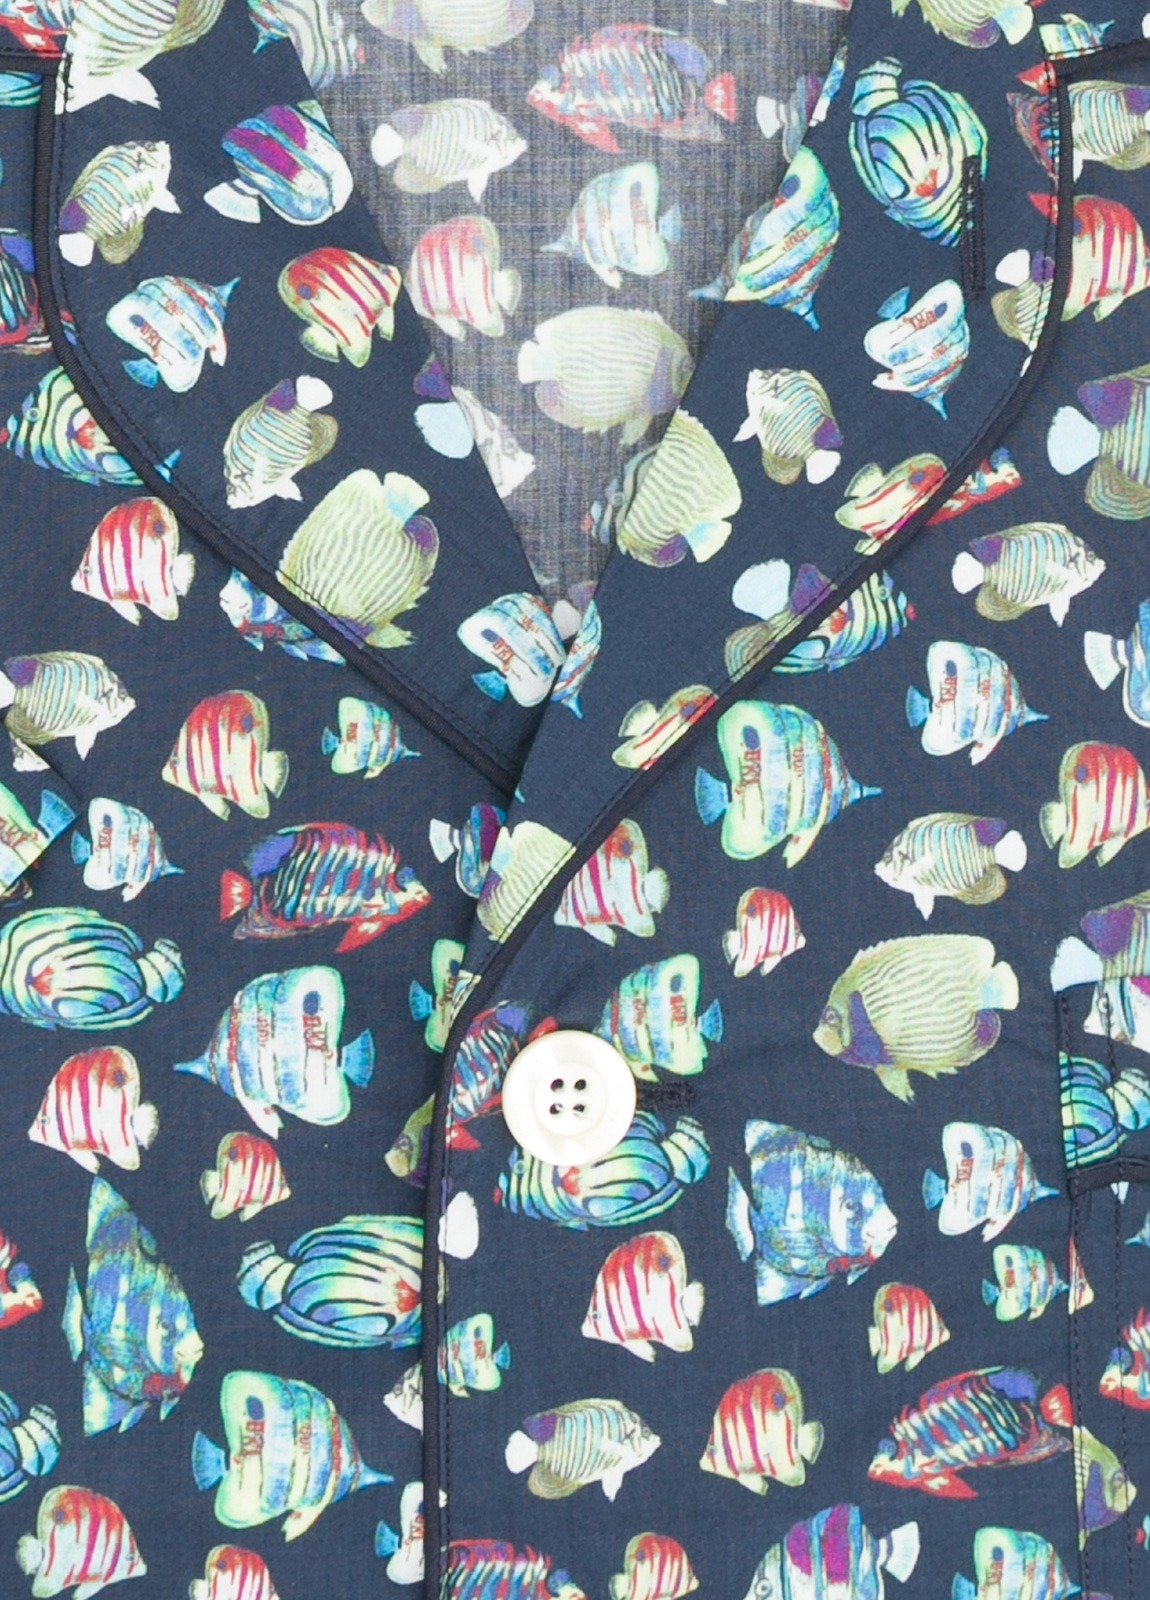 Pijama CORTO dos piezas, pantalón corto con cinta no elástica y funda incluida color azul marino con estampado de peces. 100% Algodón. - Ítem1